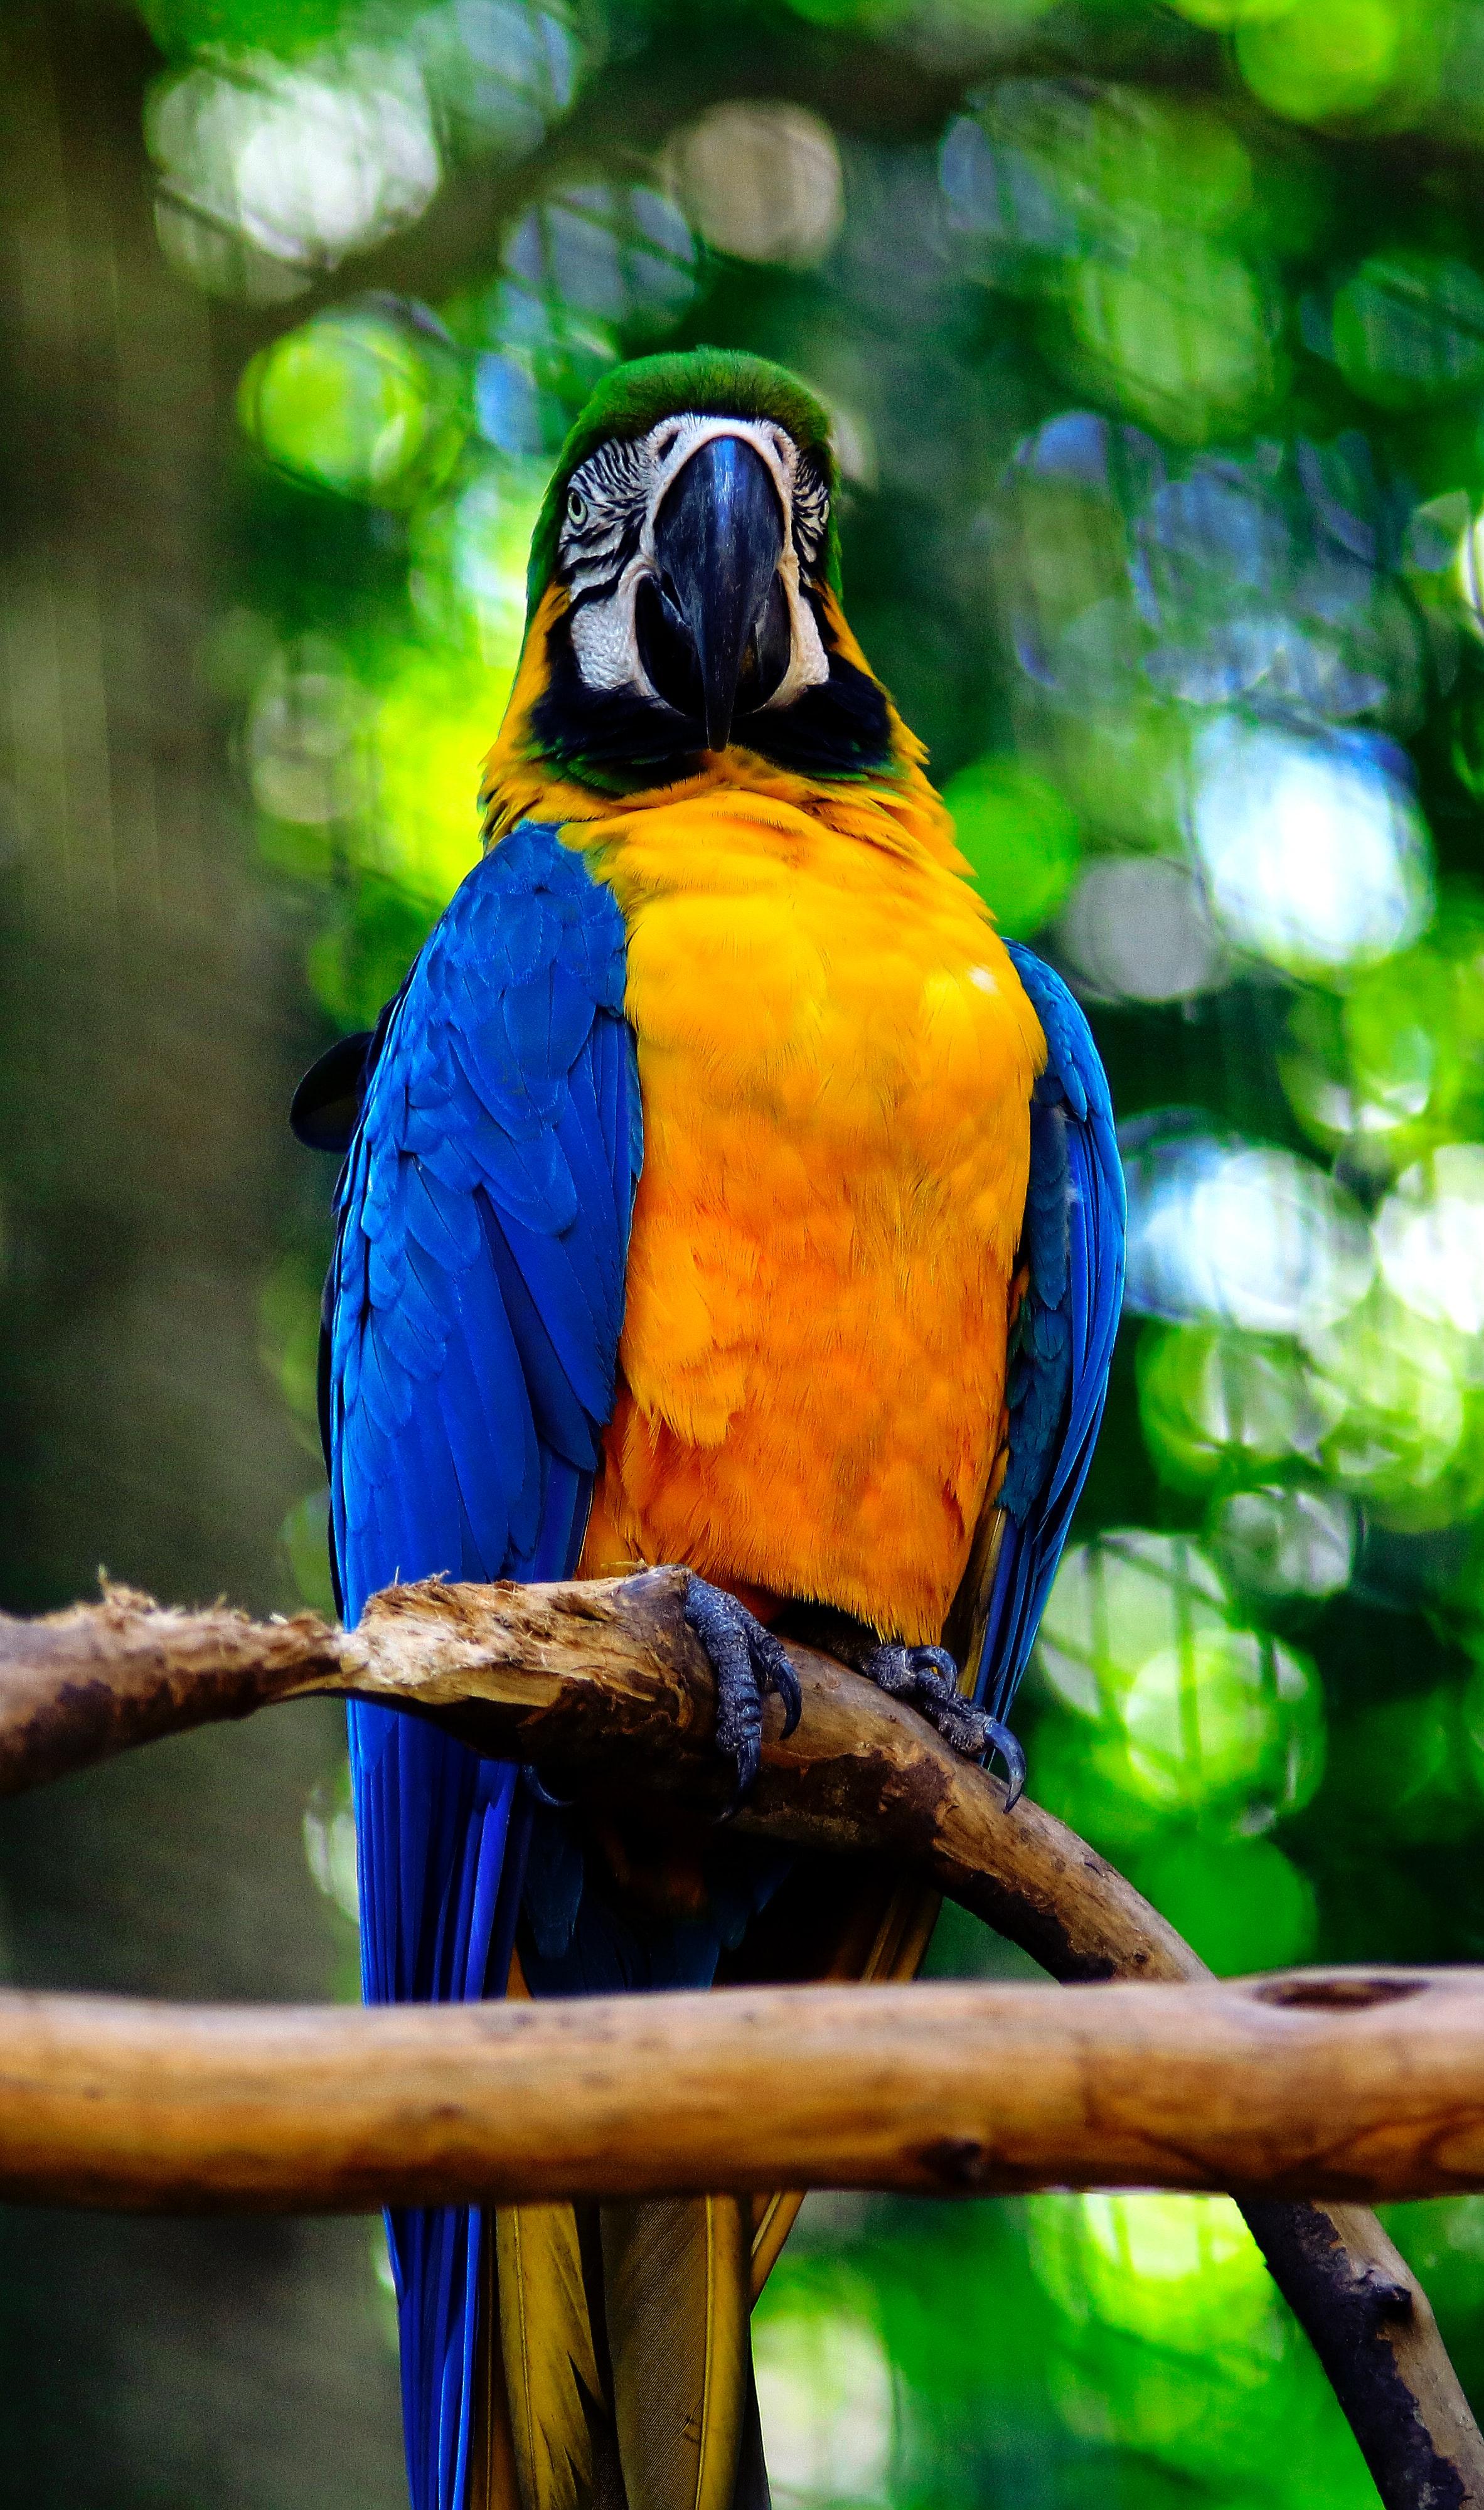 137800 скачать обои Животные, Ара, Попугаи, Птица, Ветка - заставки и картинки бесплатно